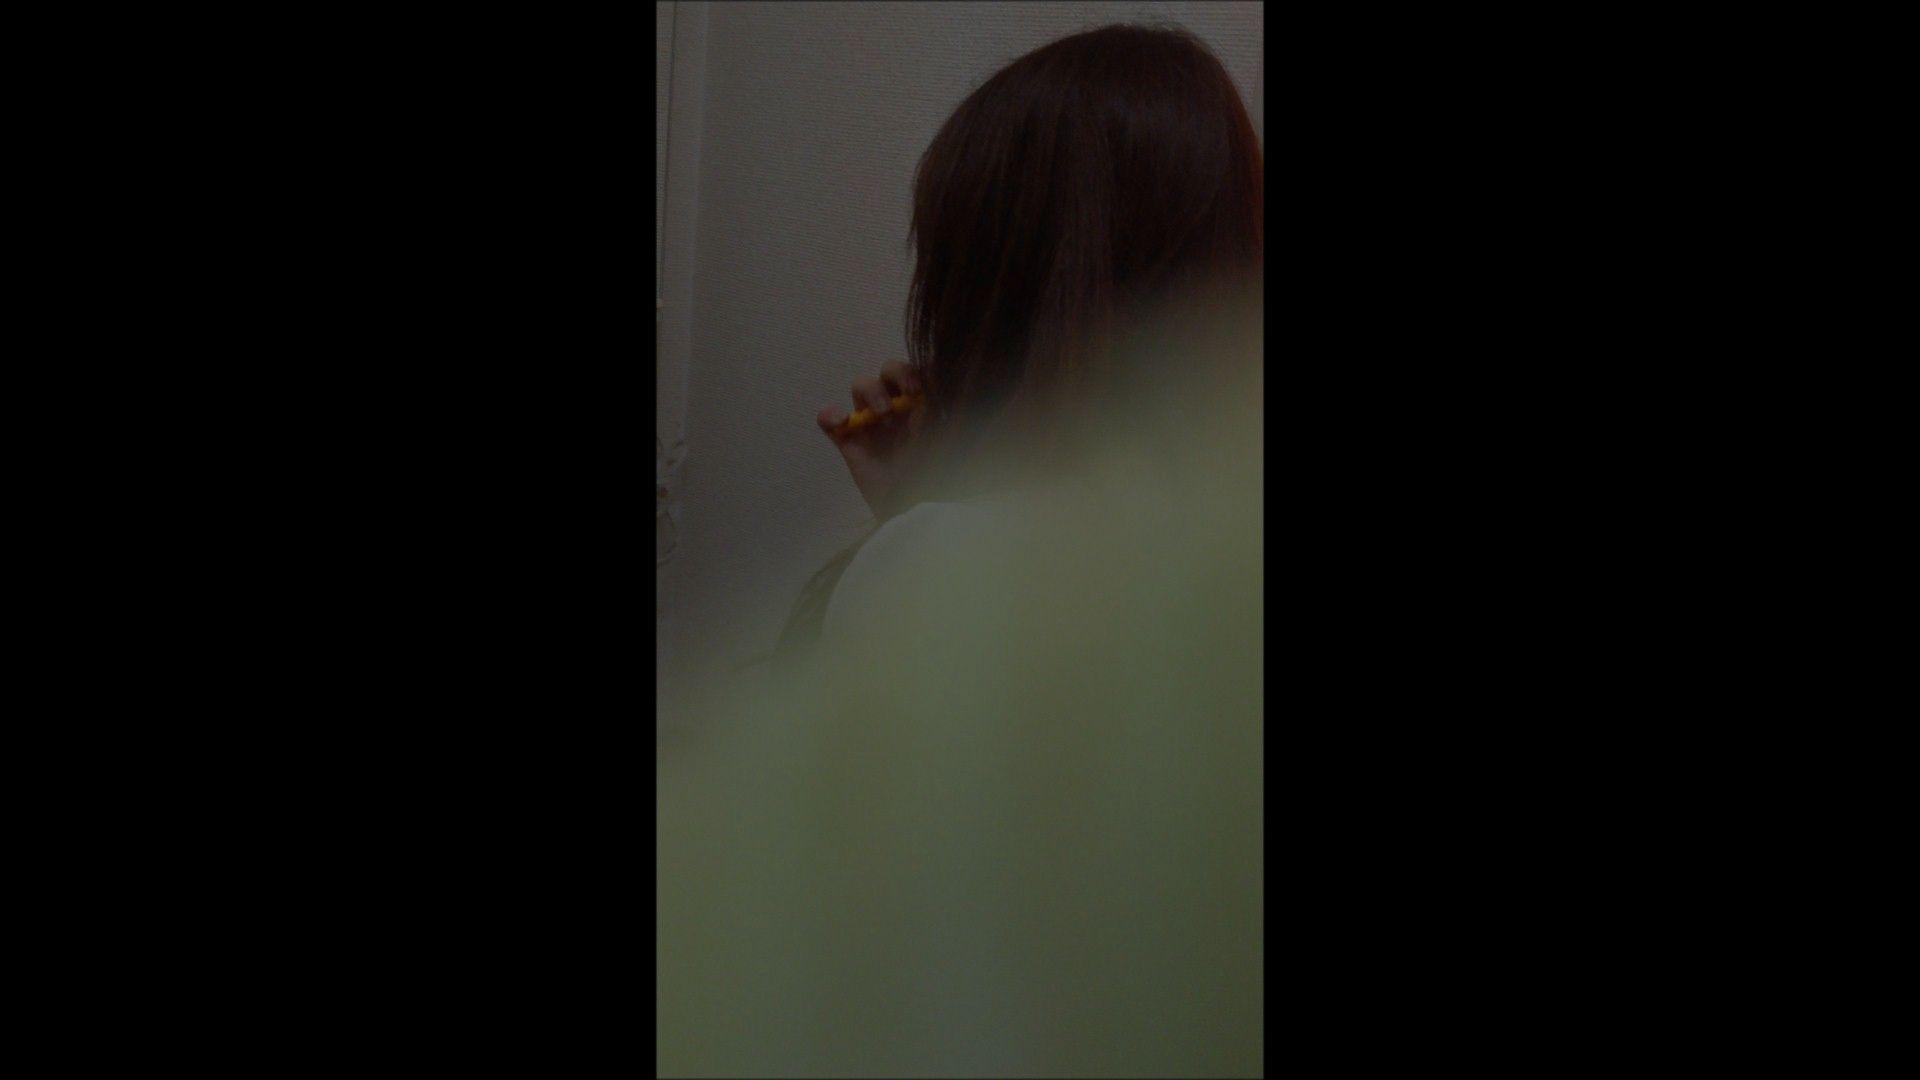 08(8日目)メイク中の彼女の顔を撮りました! マンコ特集 | オマンコ丸見え  59連発 49